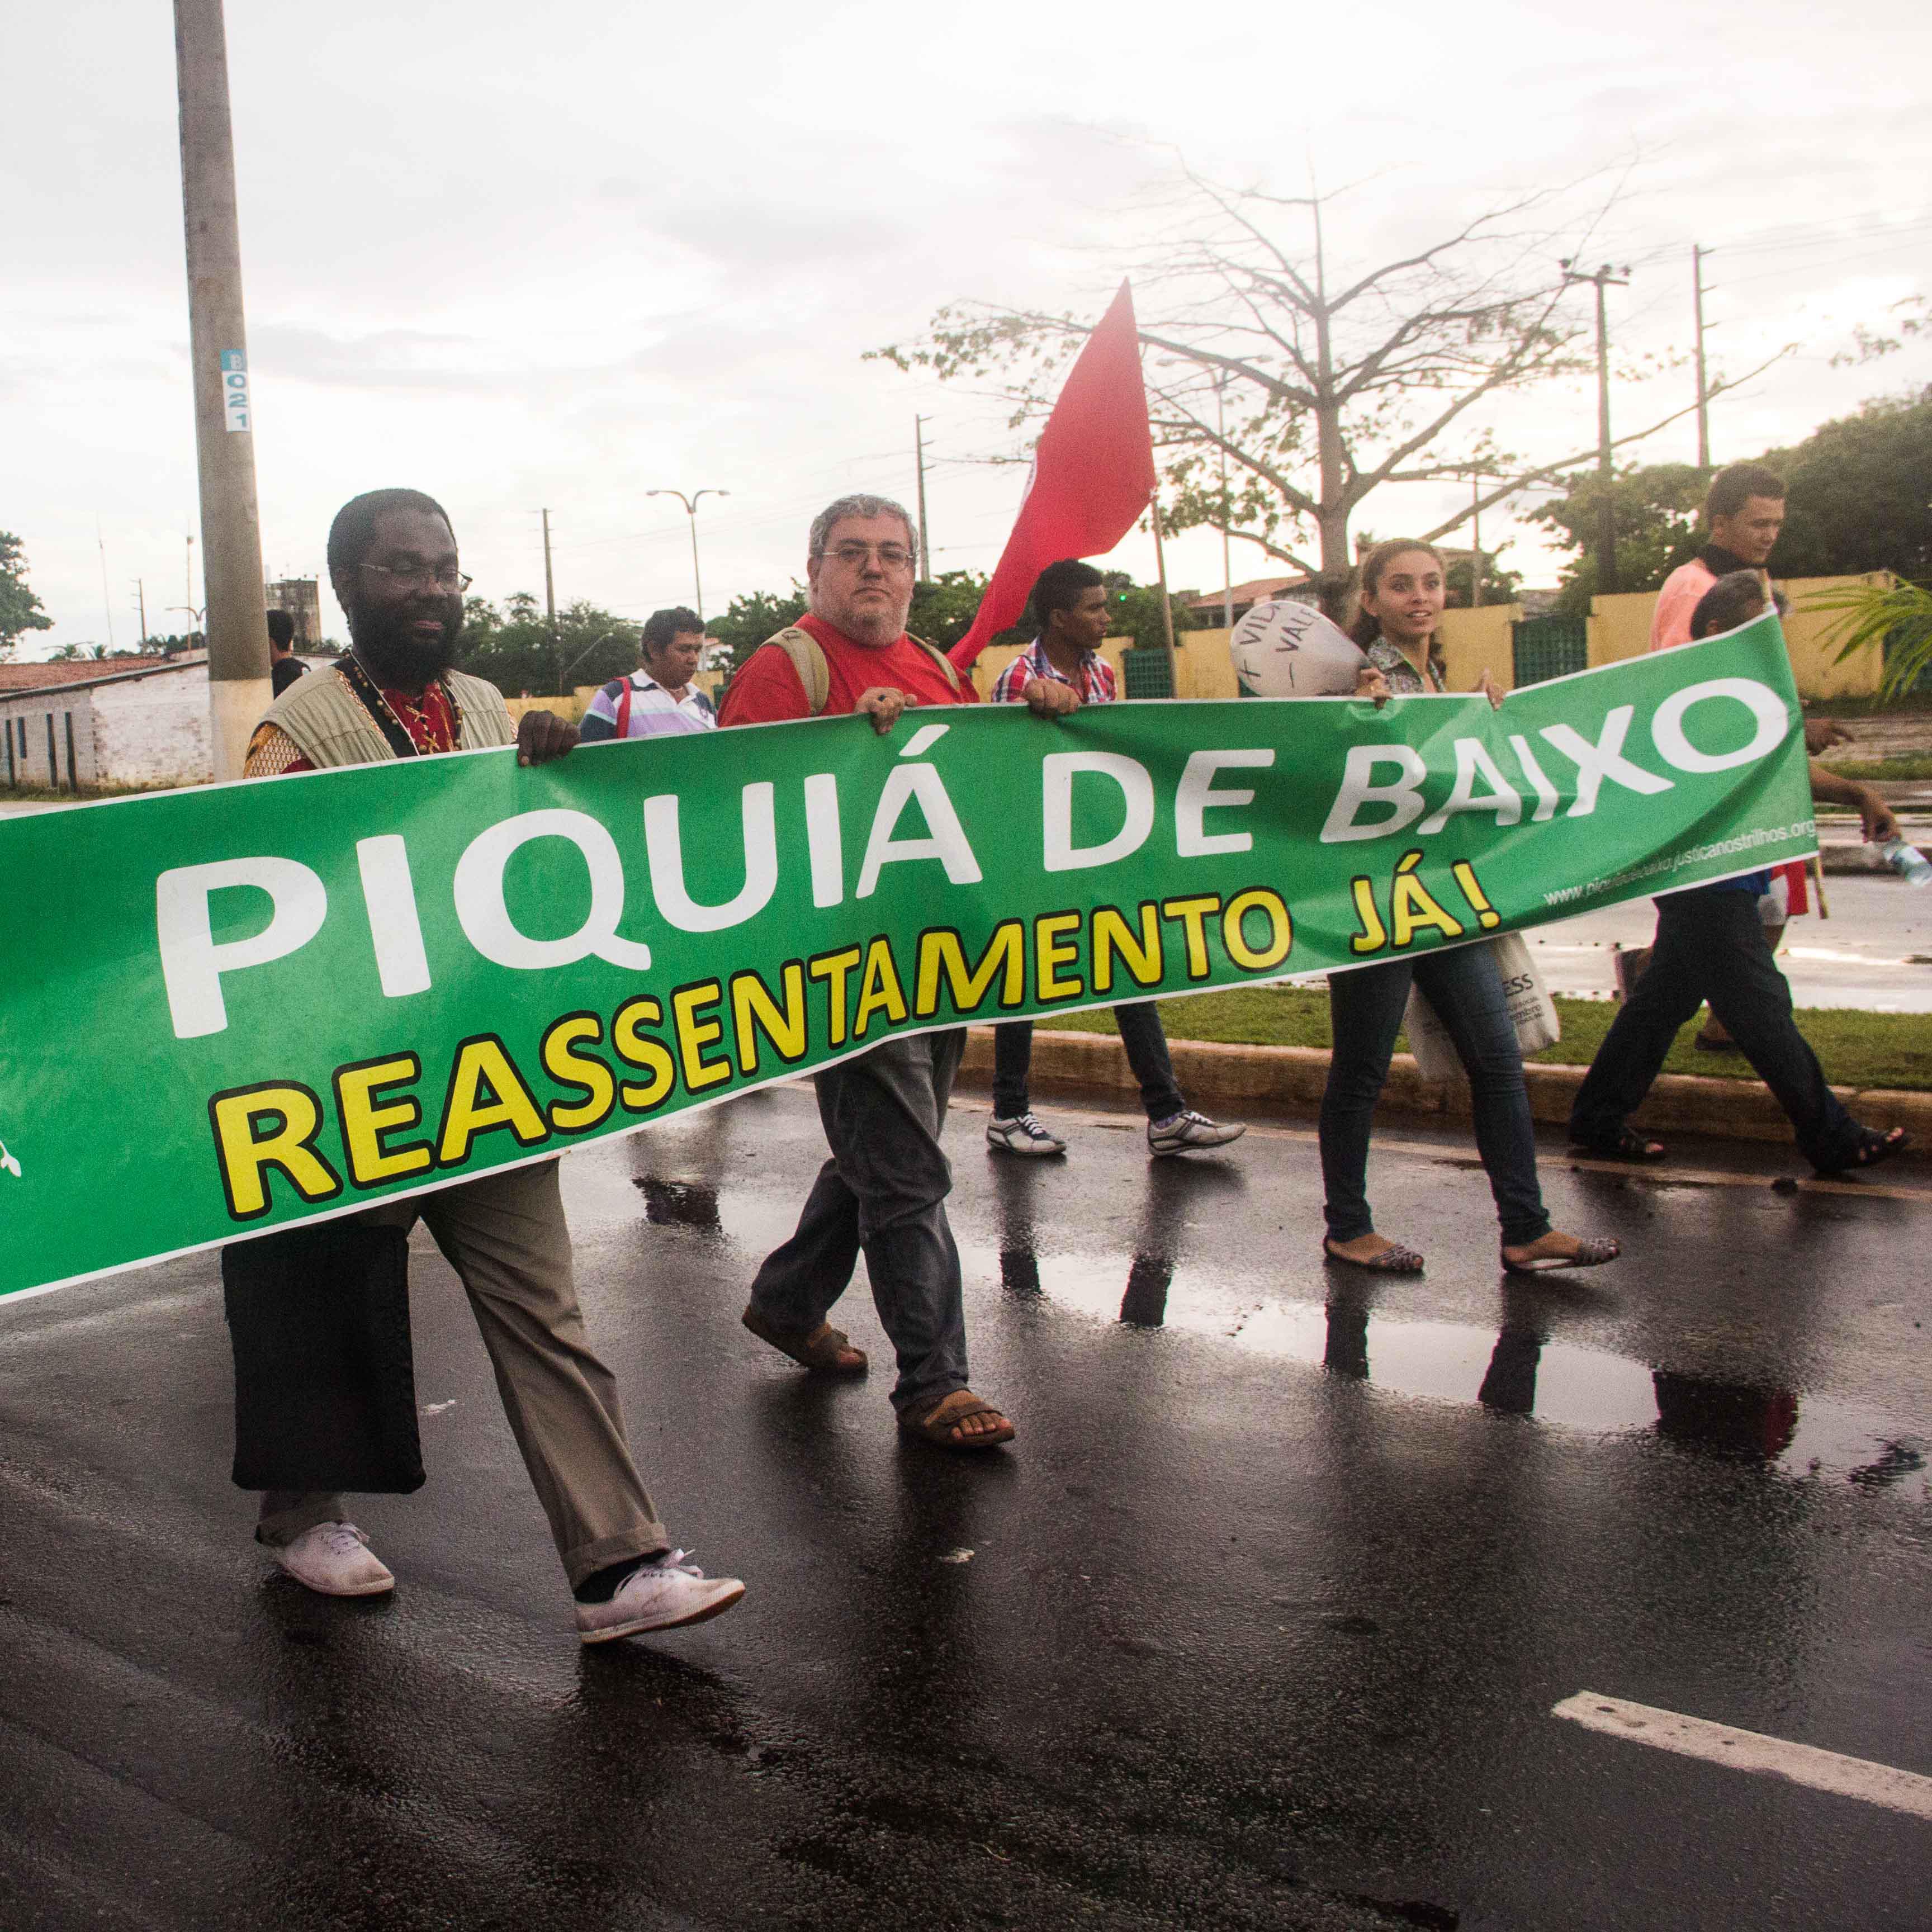 Piquiá de Baixo: parábola de resistência e esperança